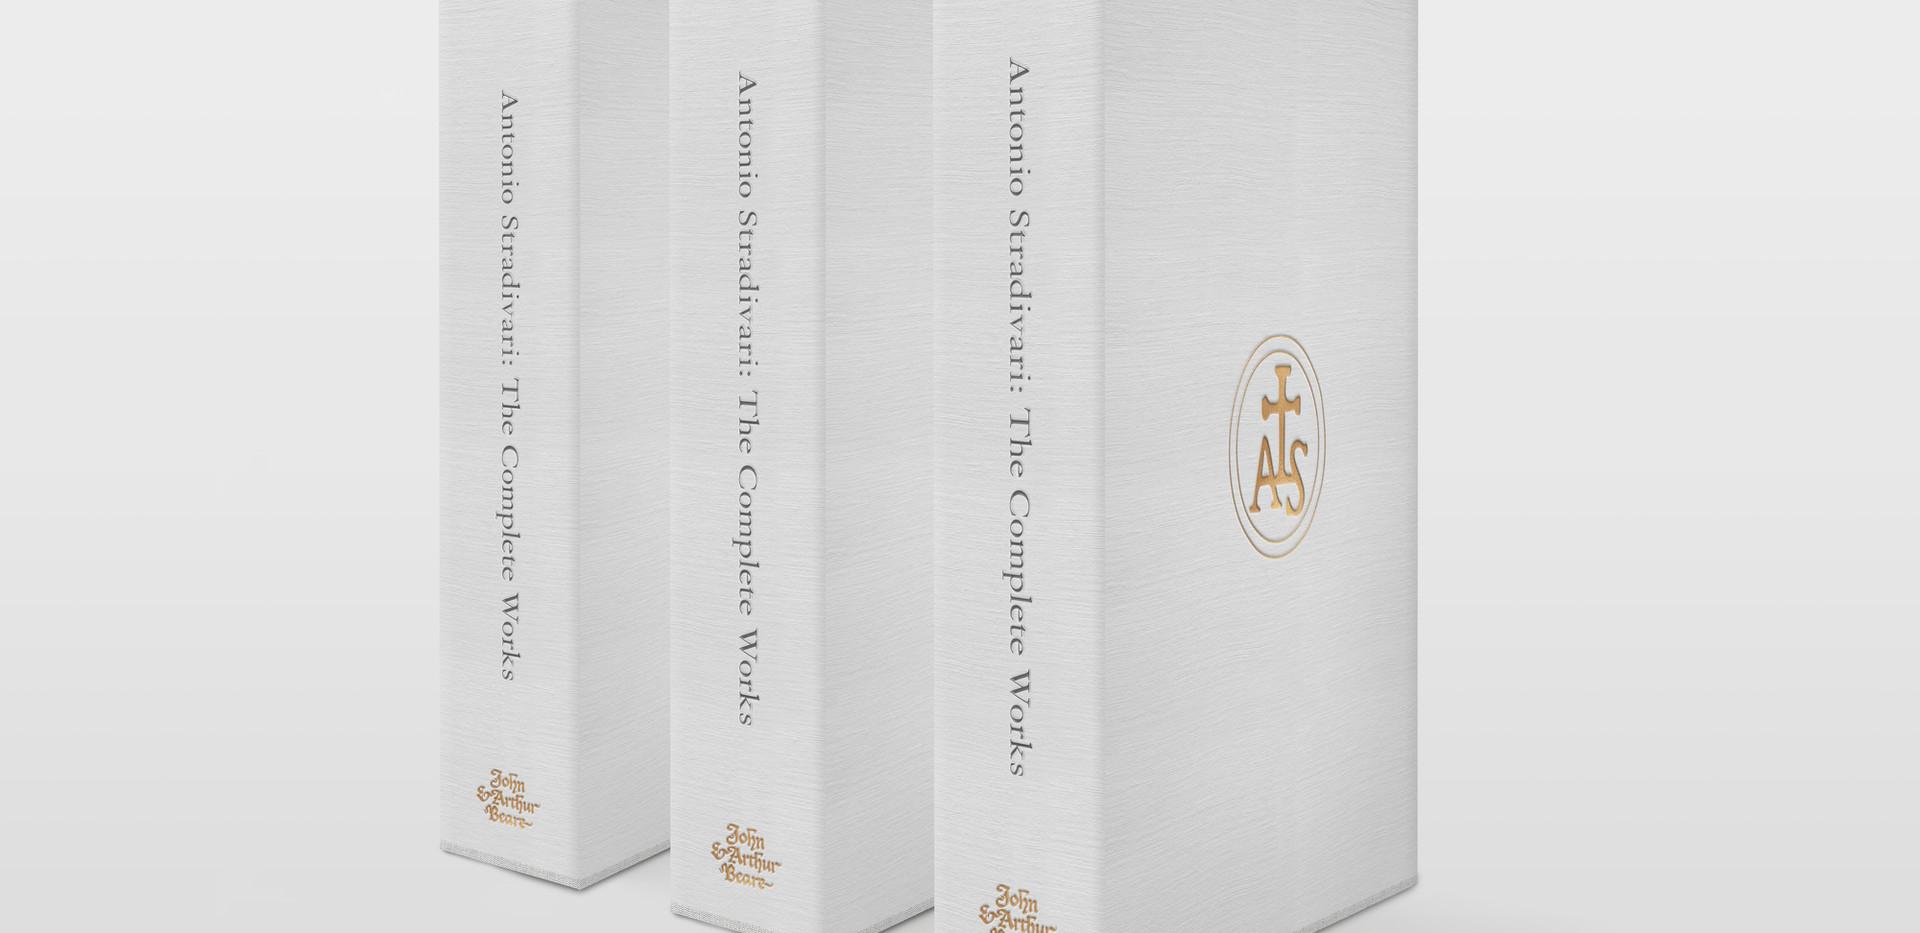 Antonio Stradivari The Complete Works.jpg.jpg